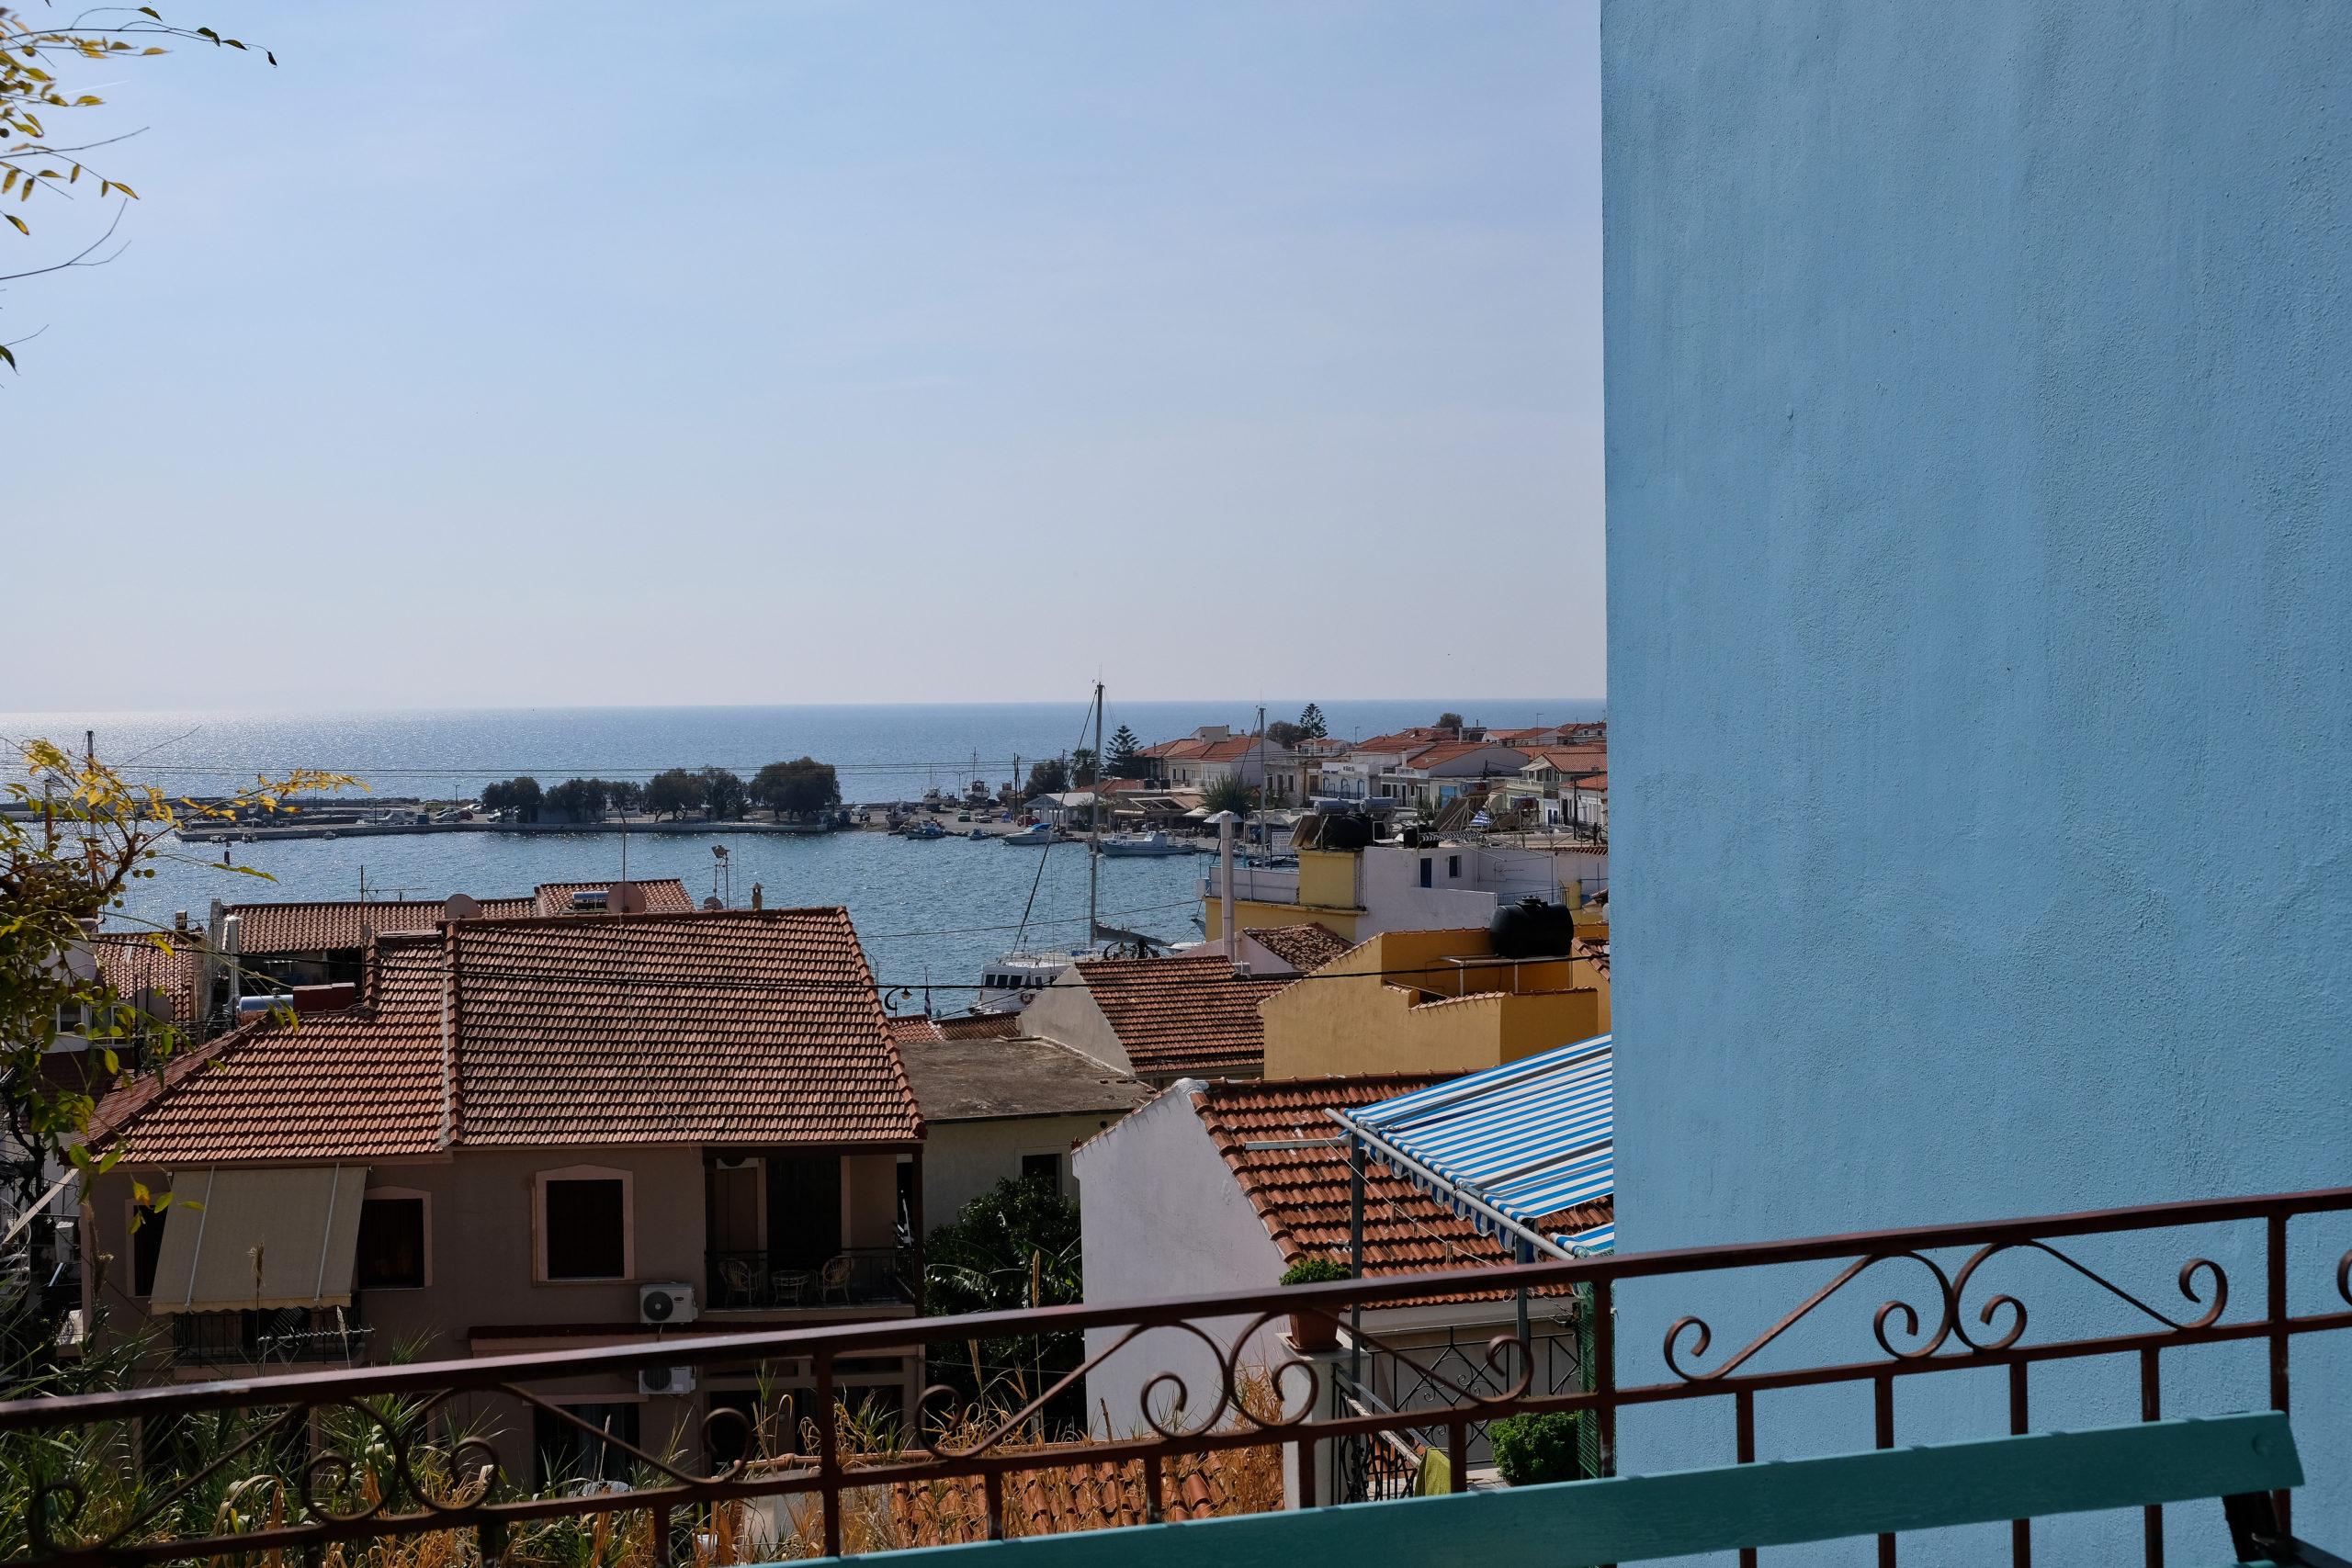 Z vyvýšených uliček se nabízejí krásné výhledy k nábřeží a přístavu